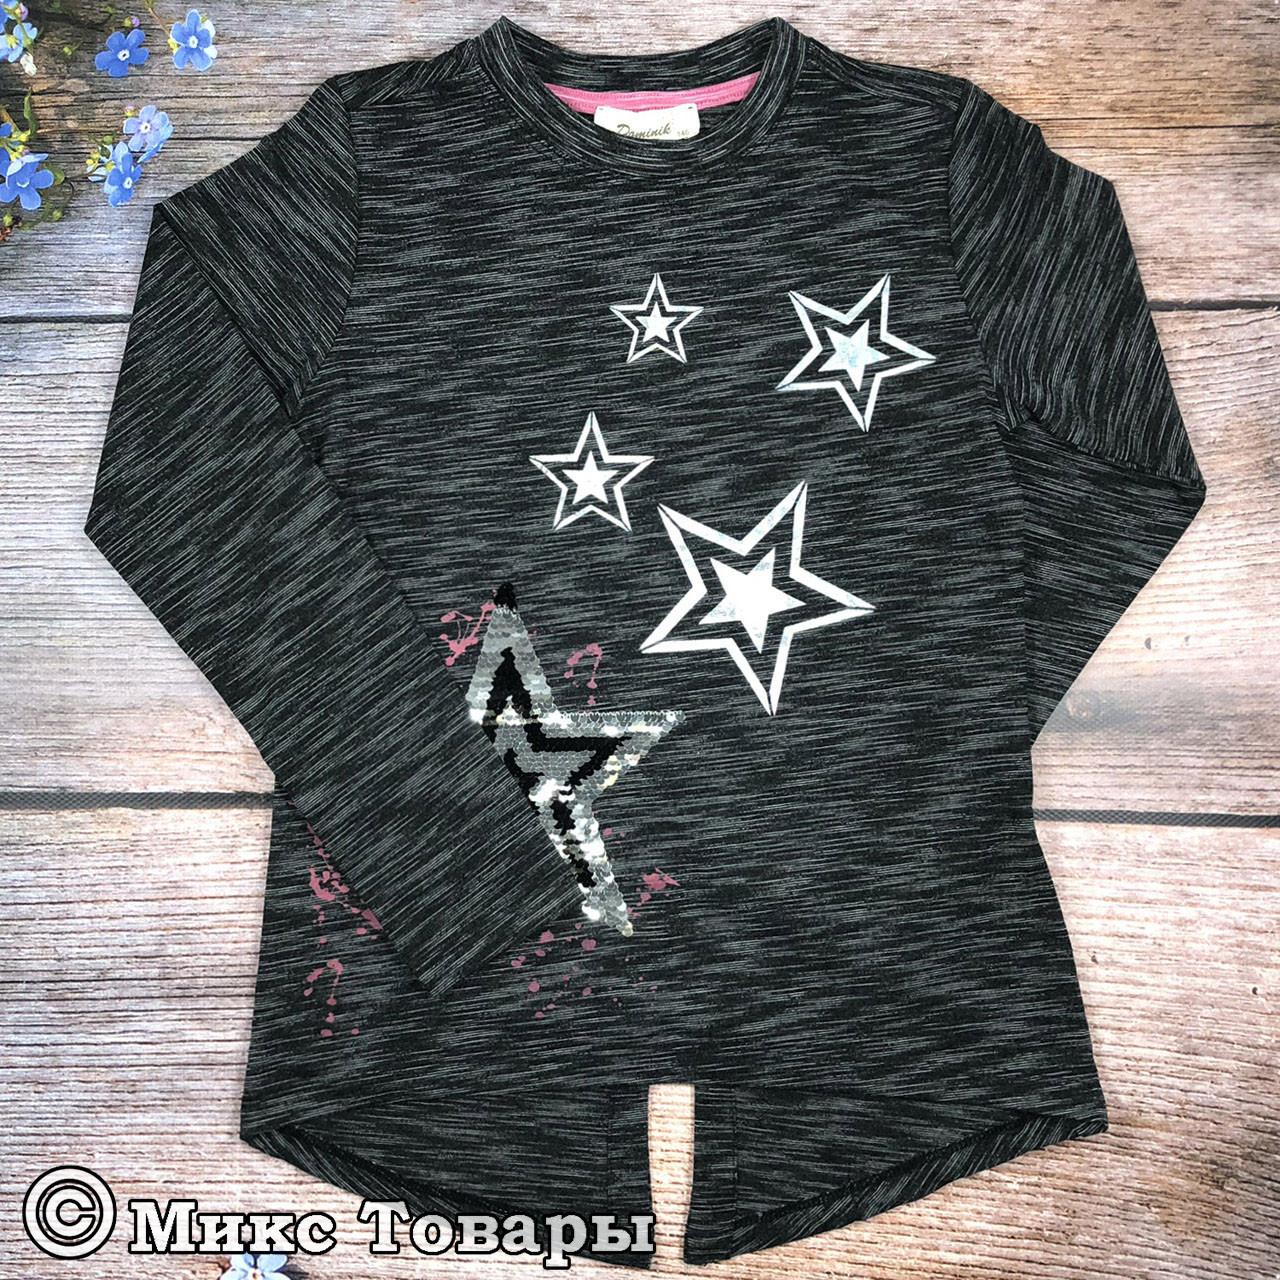 Туника со звёздами темно серого цвета для девочки подростка Размеры: 146,152,158,164 см (7666-1)